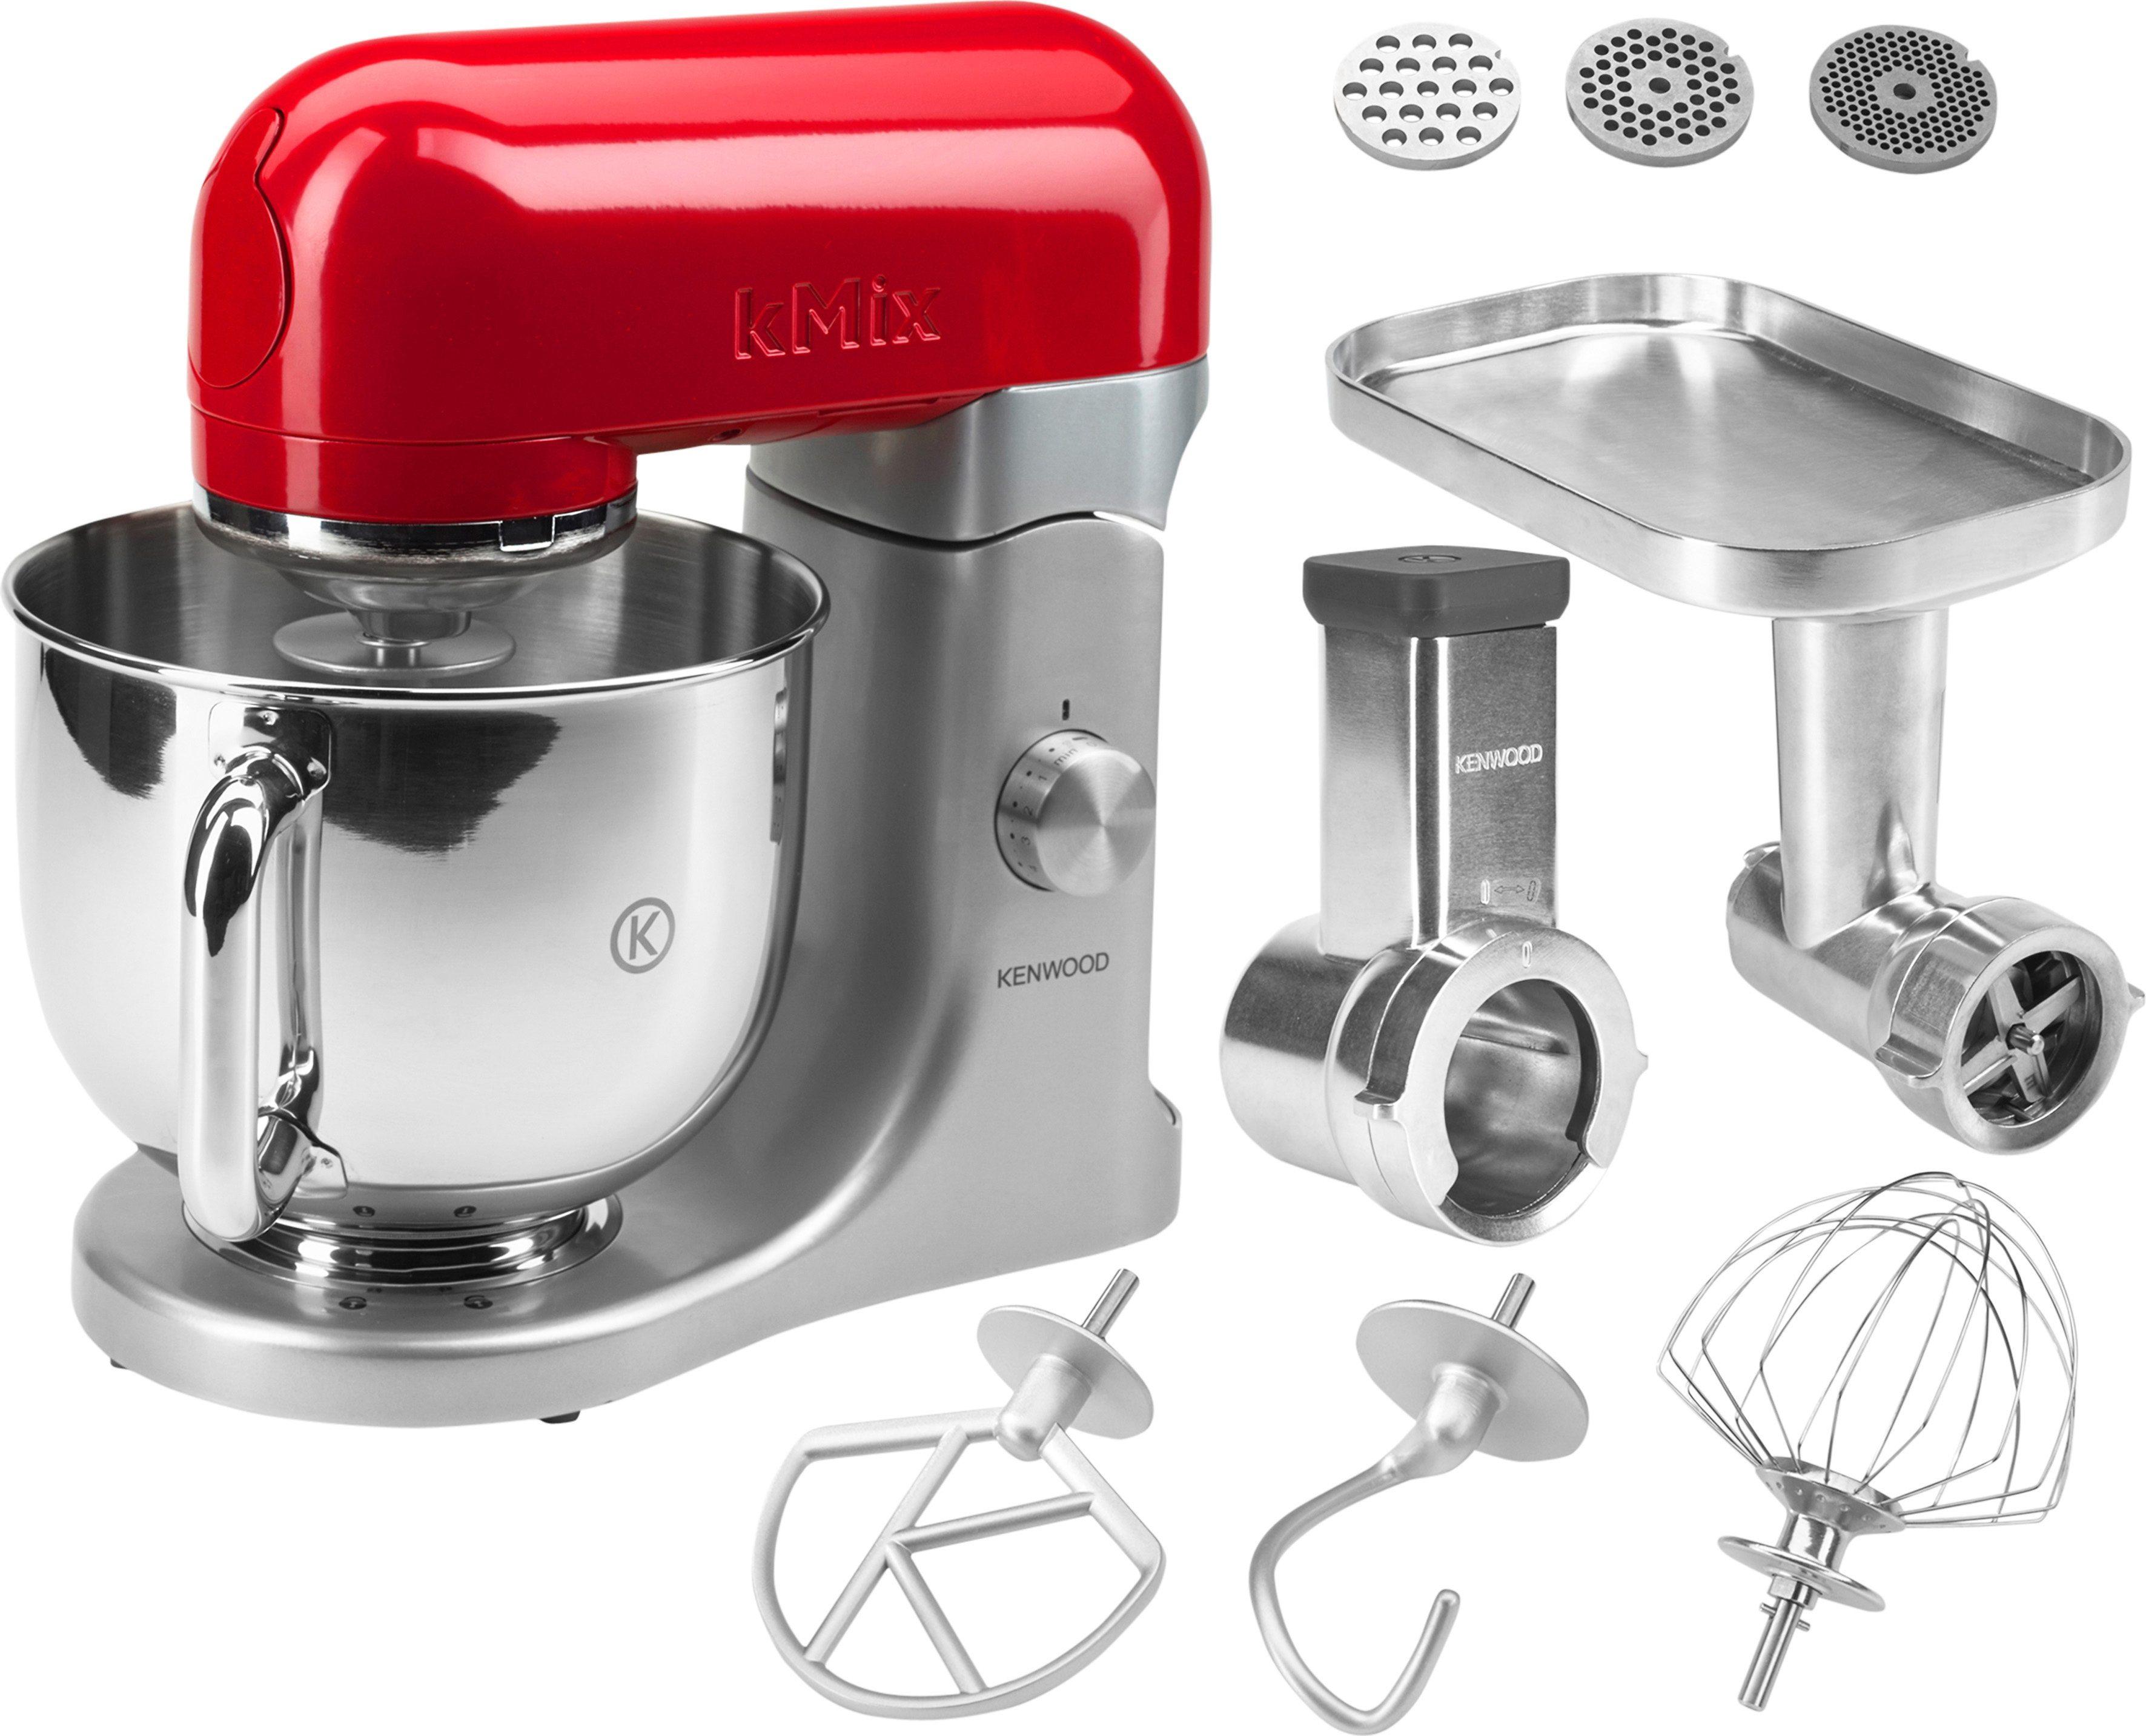 Kenwood Küchenmaschine »kMix KMX61«, 5 Liter, inkl. Sonderzubehör im Wert von ca. 200€